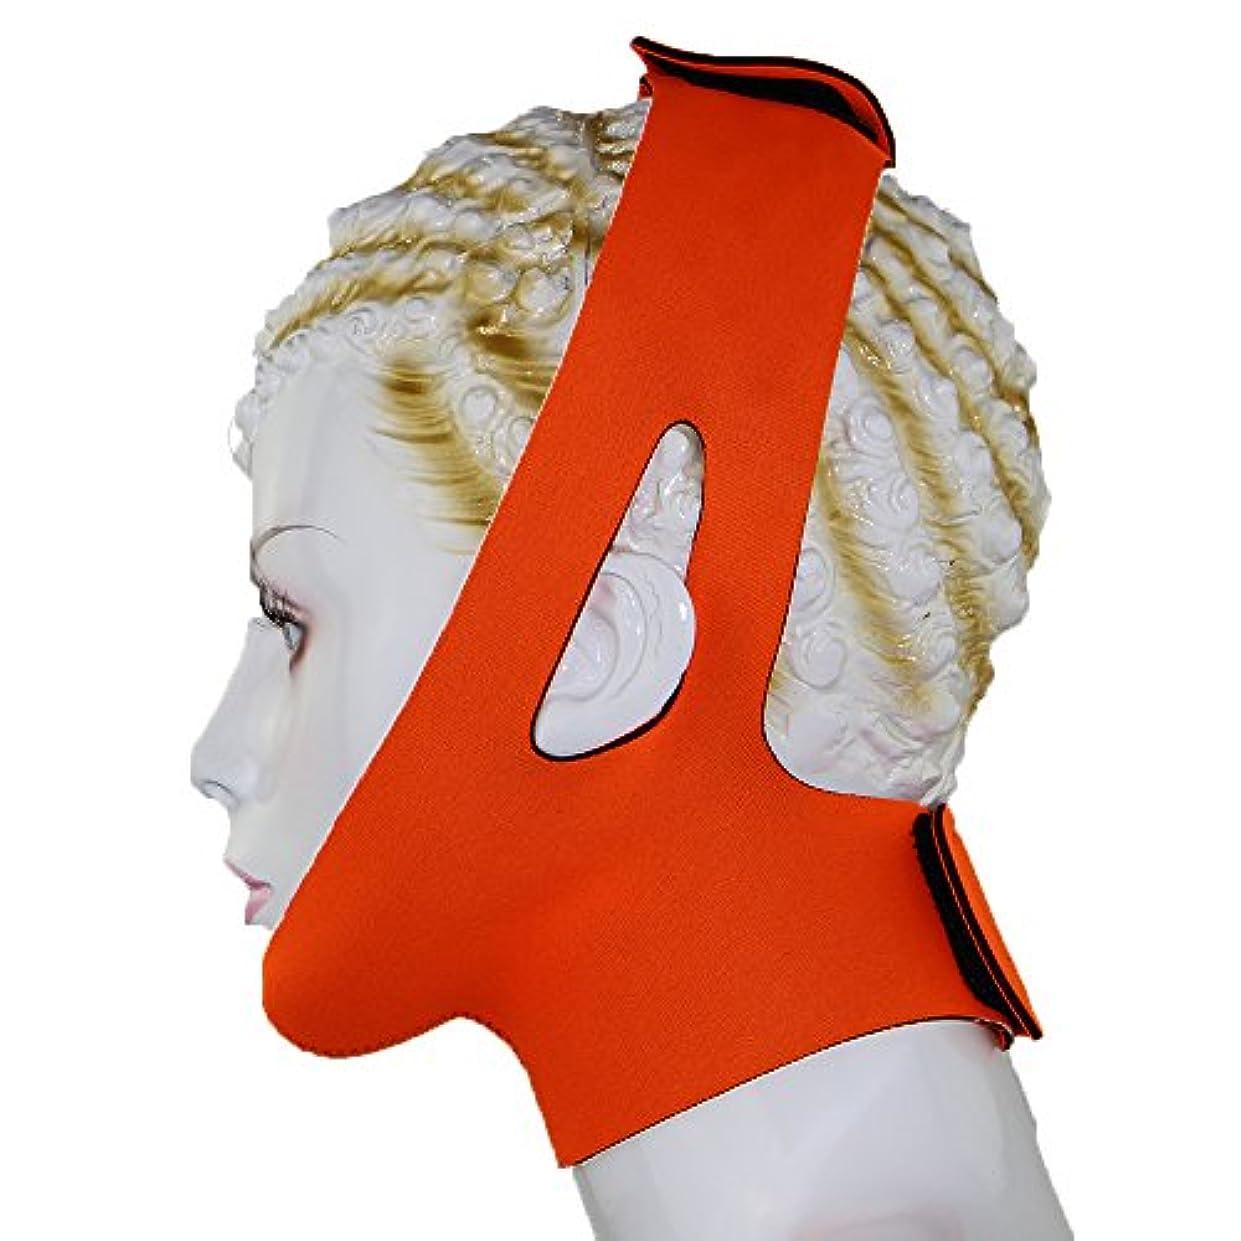 小顔 美容 顎サポーター ほうれい線 豊齢線 解消 マッサージグッズ フェイスマスク 二重あご 加圧 ベルト レディース (オレンジ)